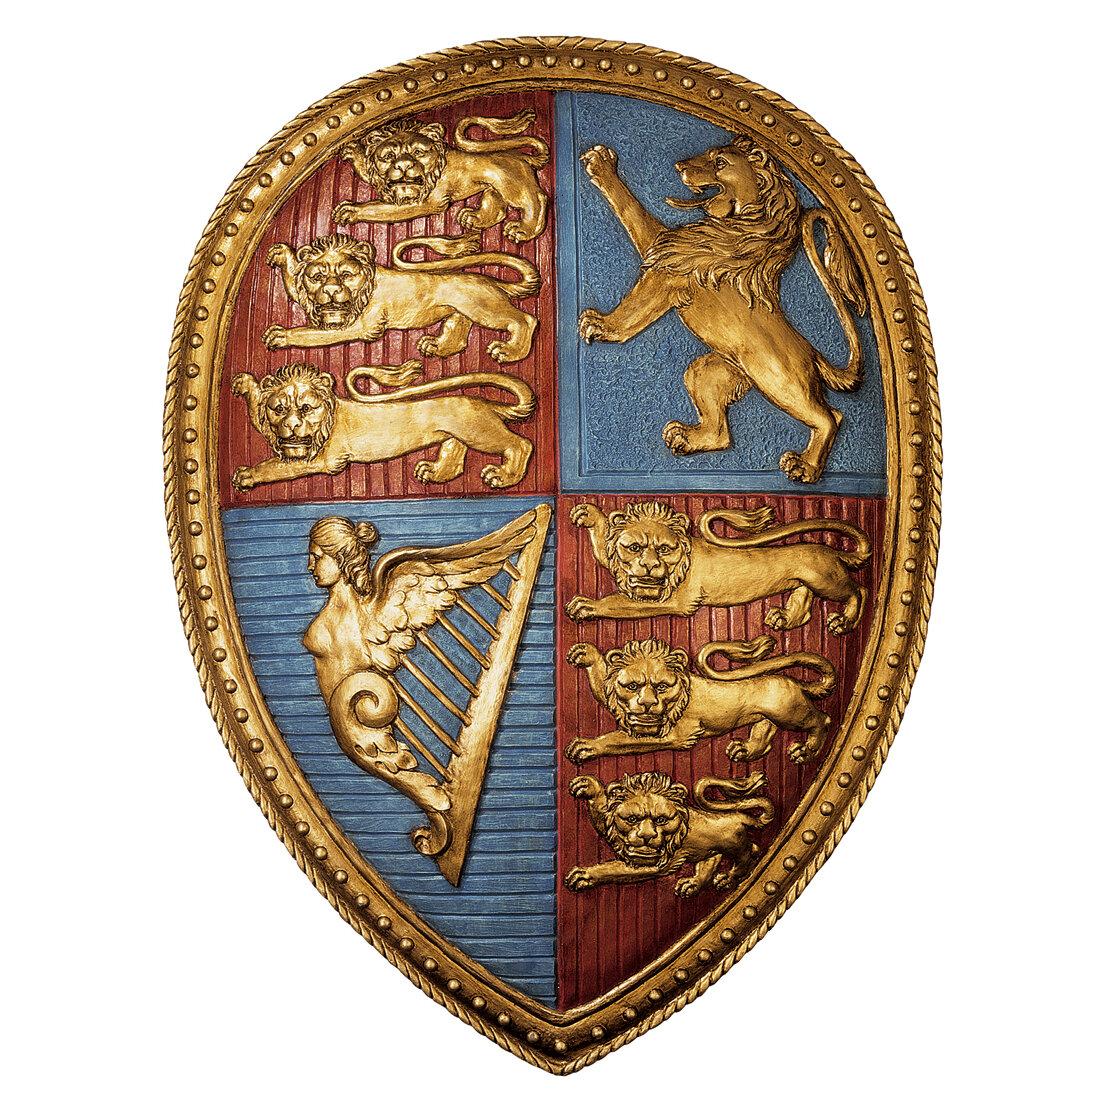 Design Toscano Queen Victoria S Royal Coat Of Arms Shield Wall Décor Reviews Wayfair